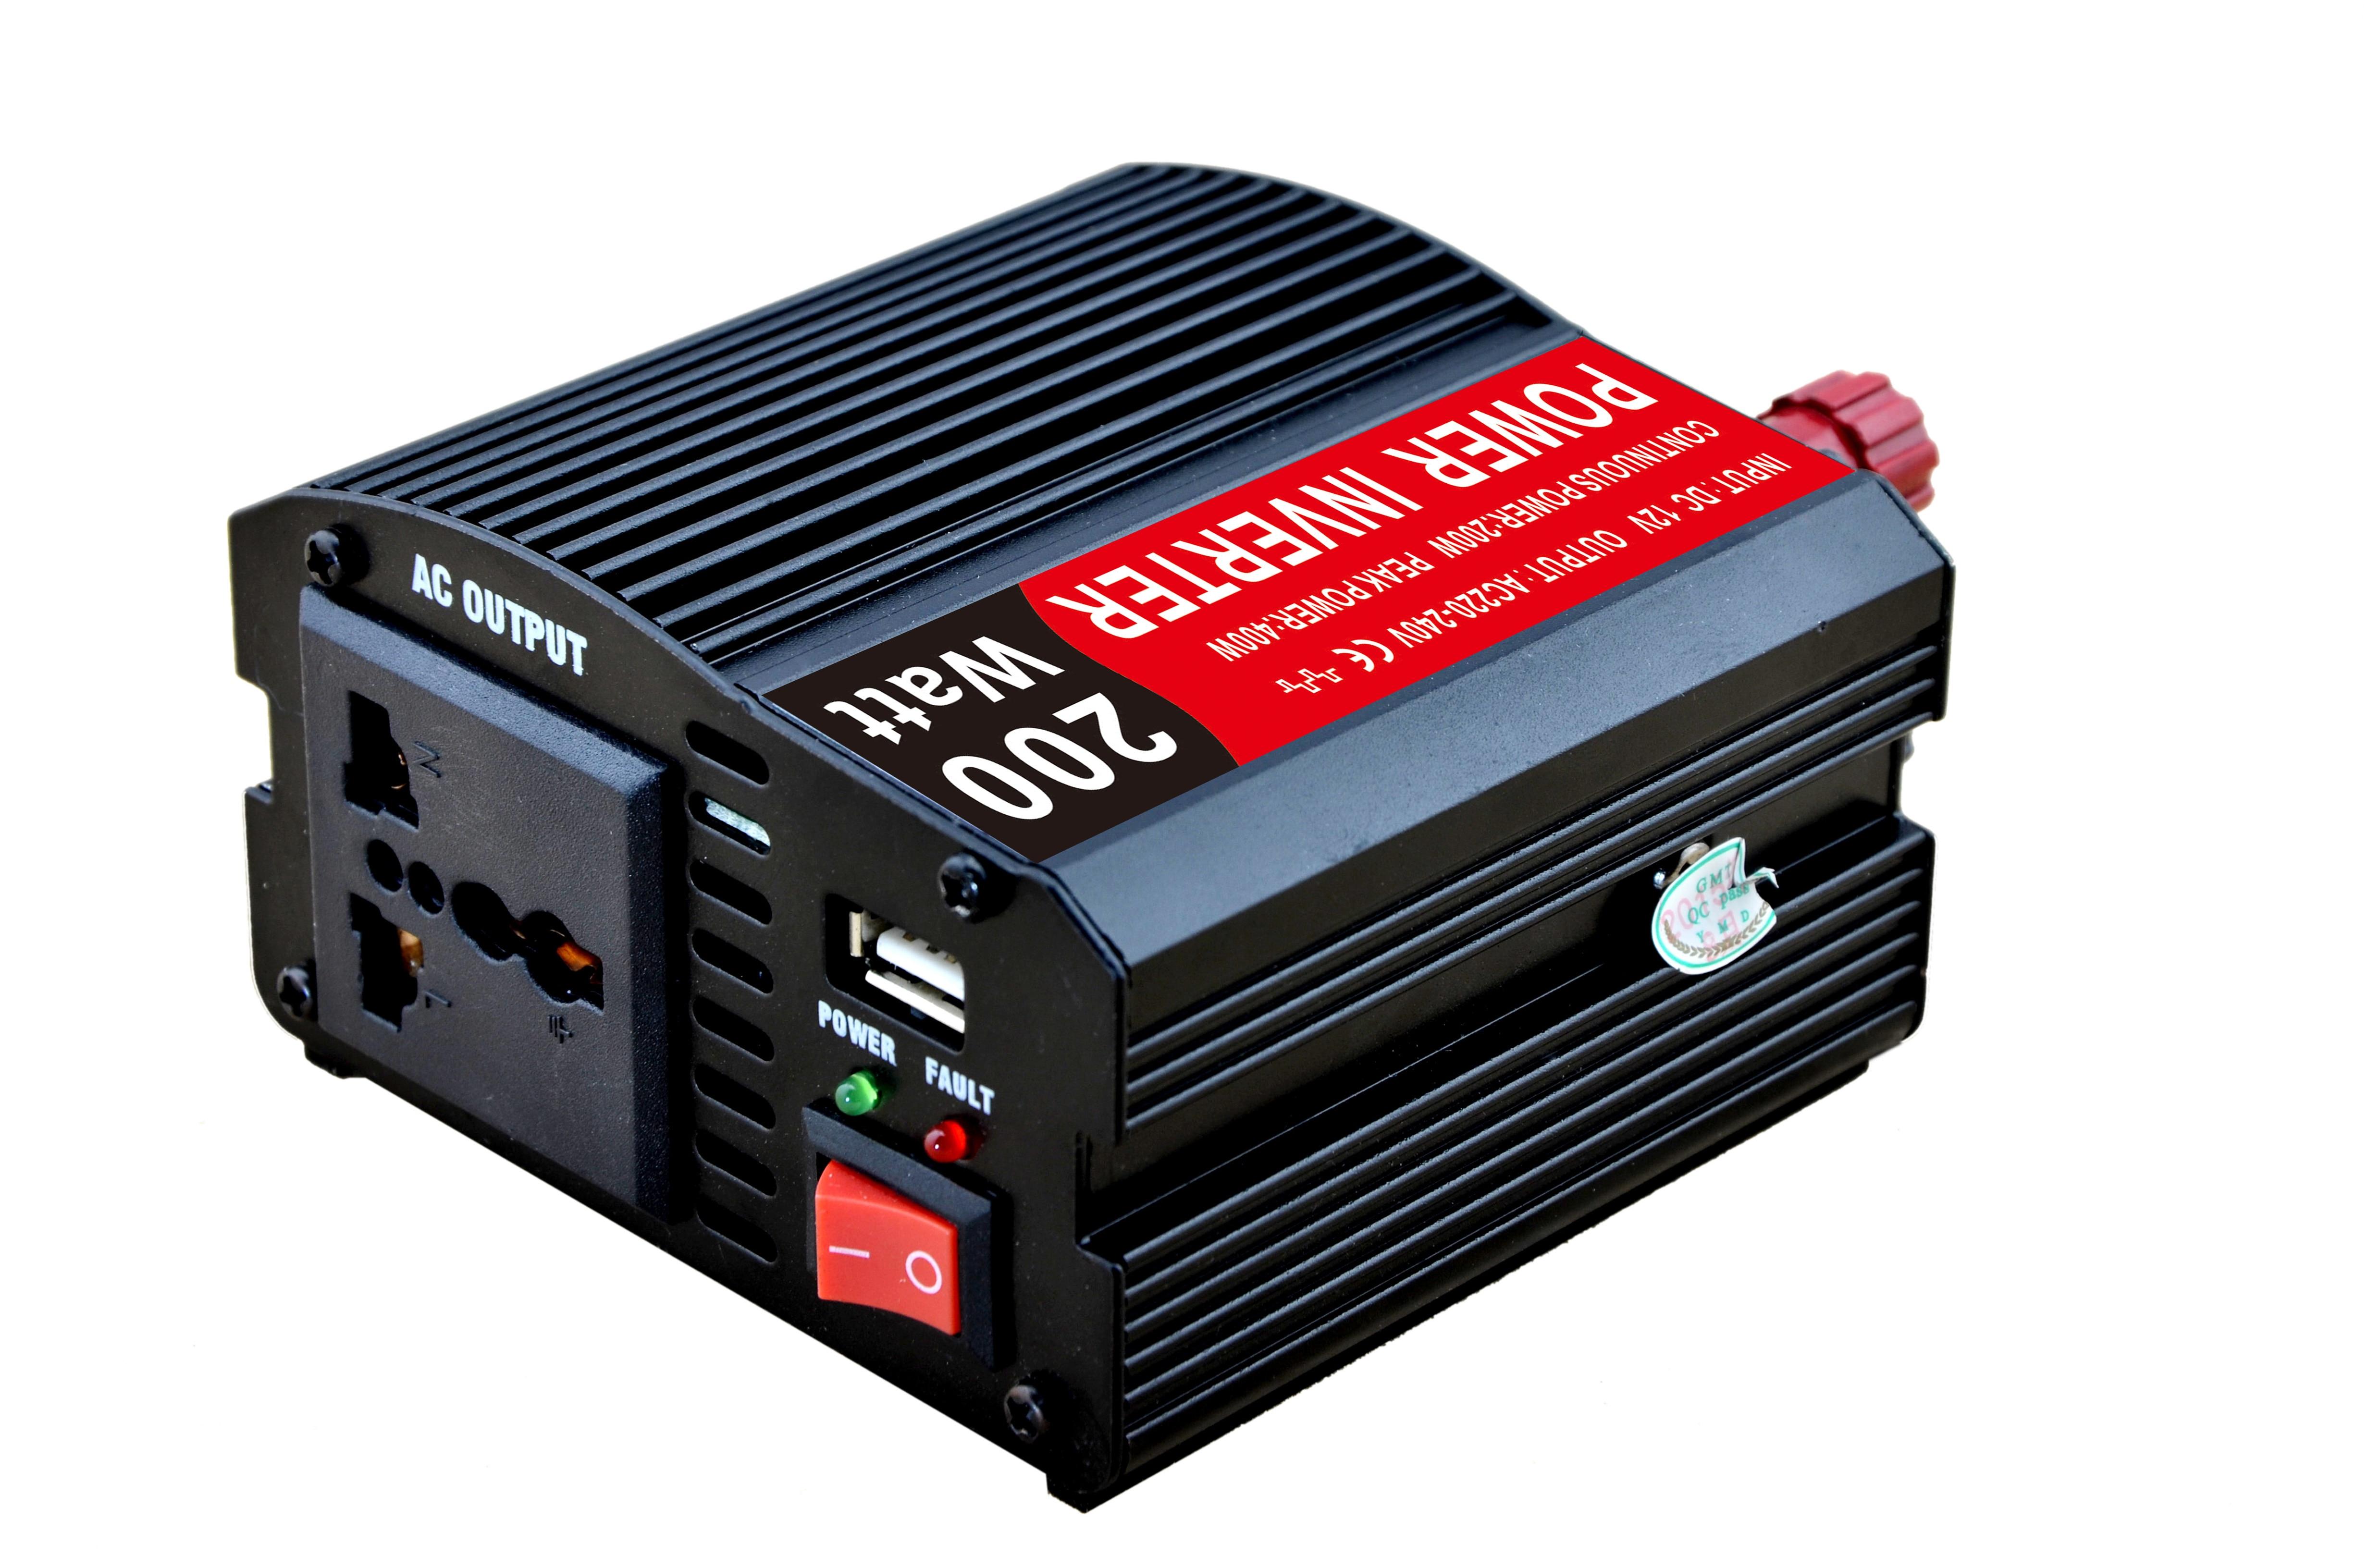 محول طاقة للسيارة 200 وات ، جودة عالية ، من 12 فولت إلى 220 فولت ، مع حزمة نفطة